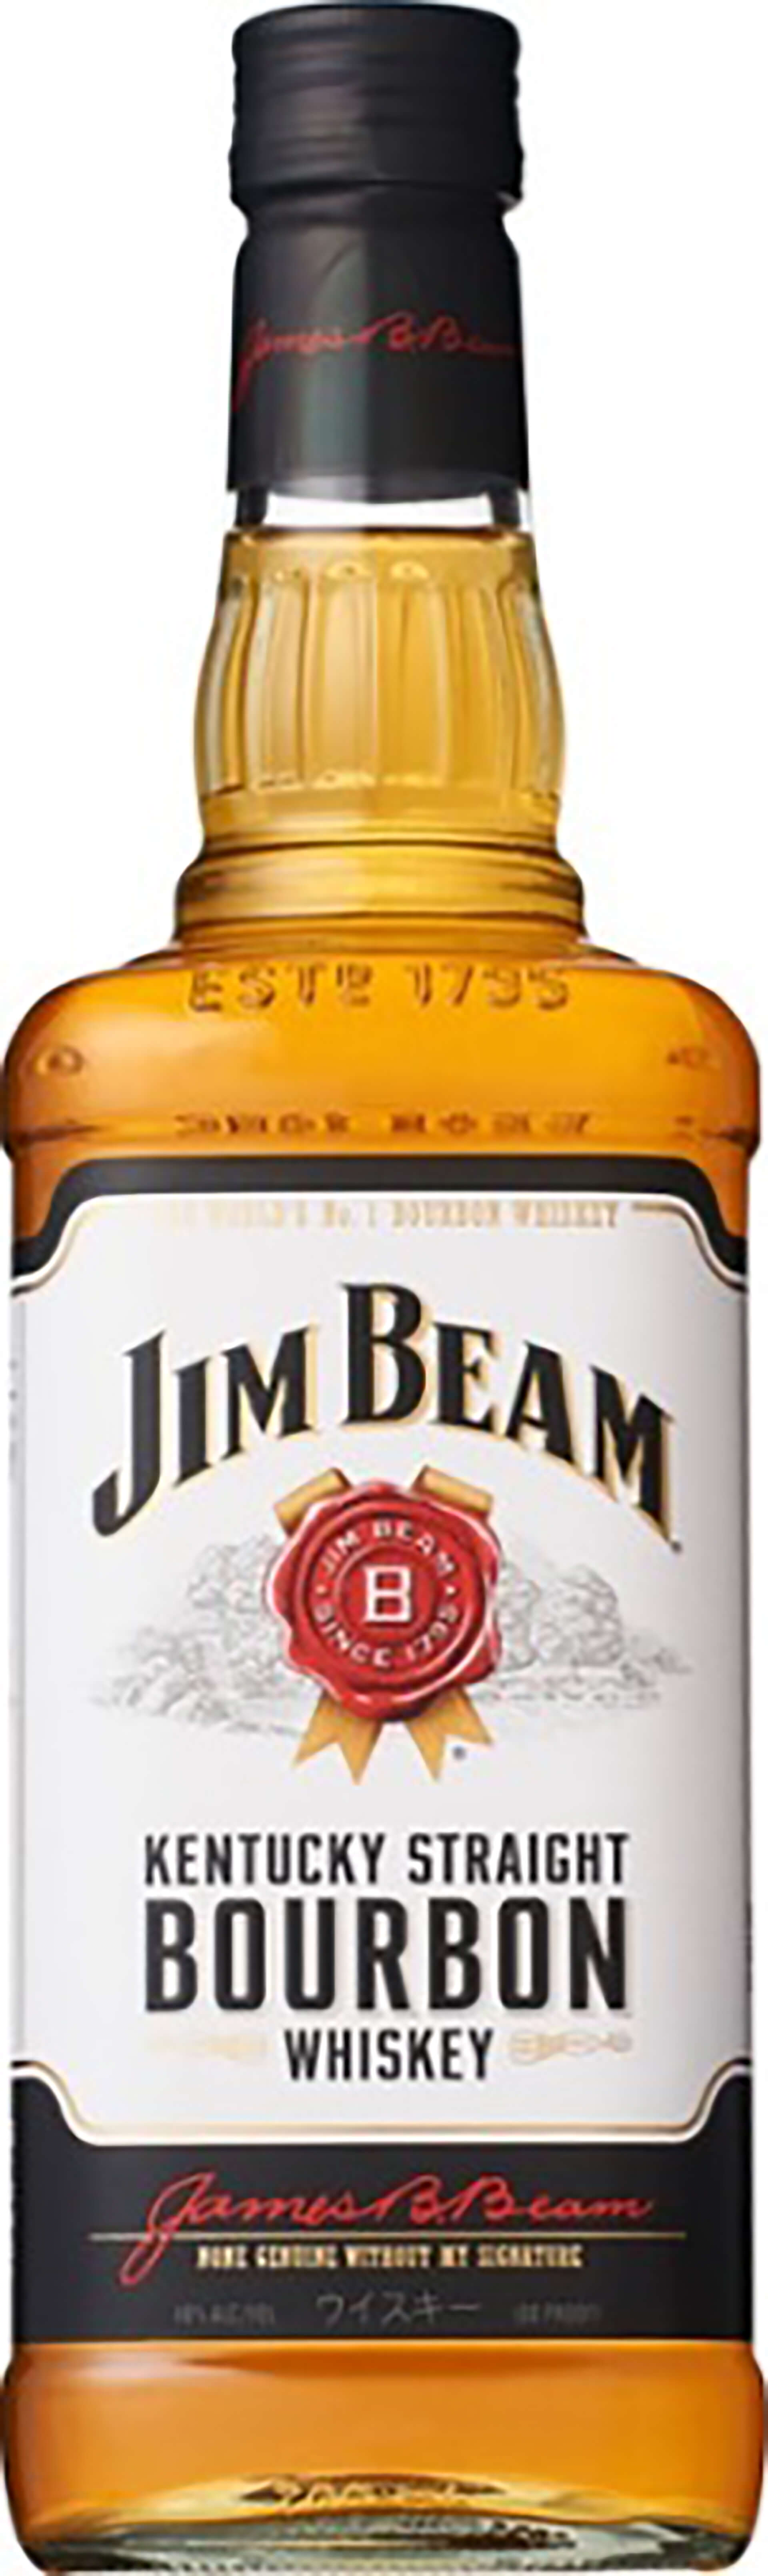 この写真はBEER CARNIVAL!で味わえるジムビーンボトルです